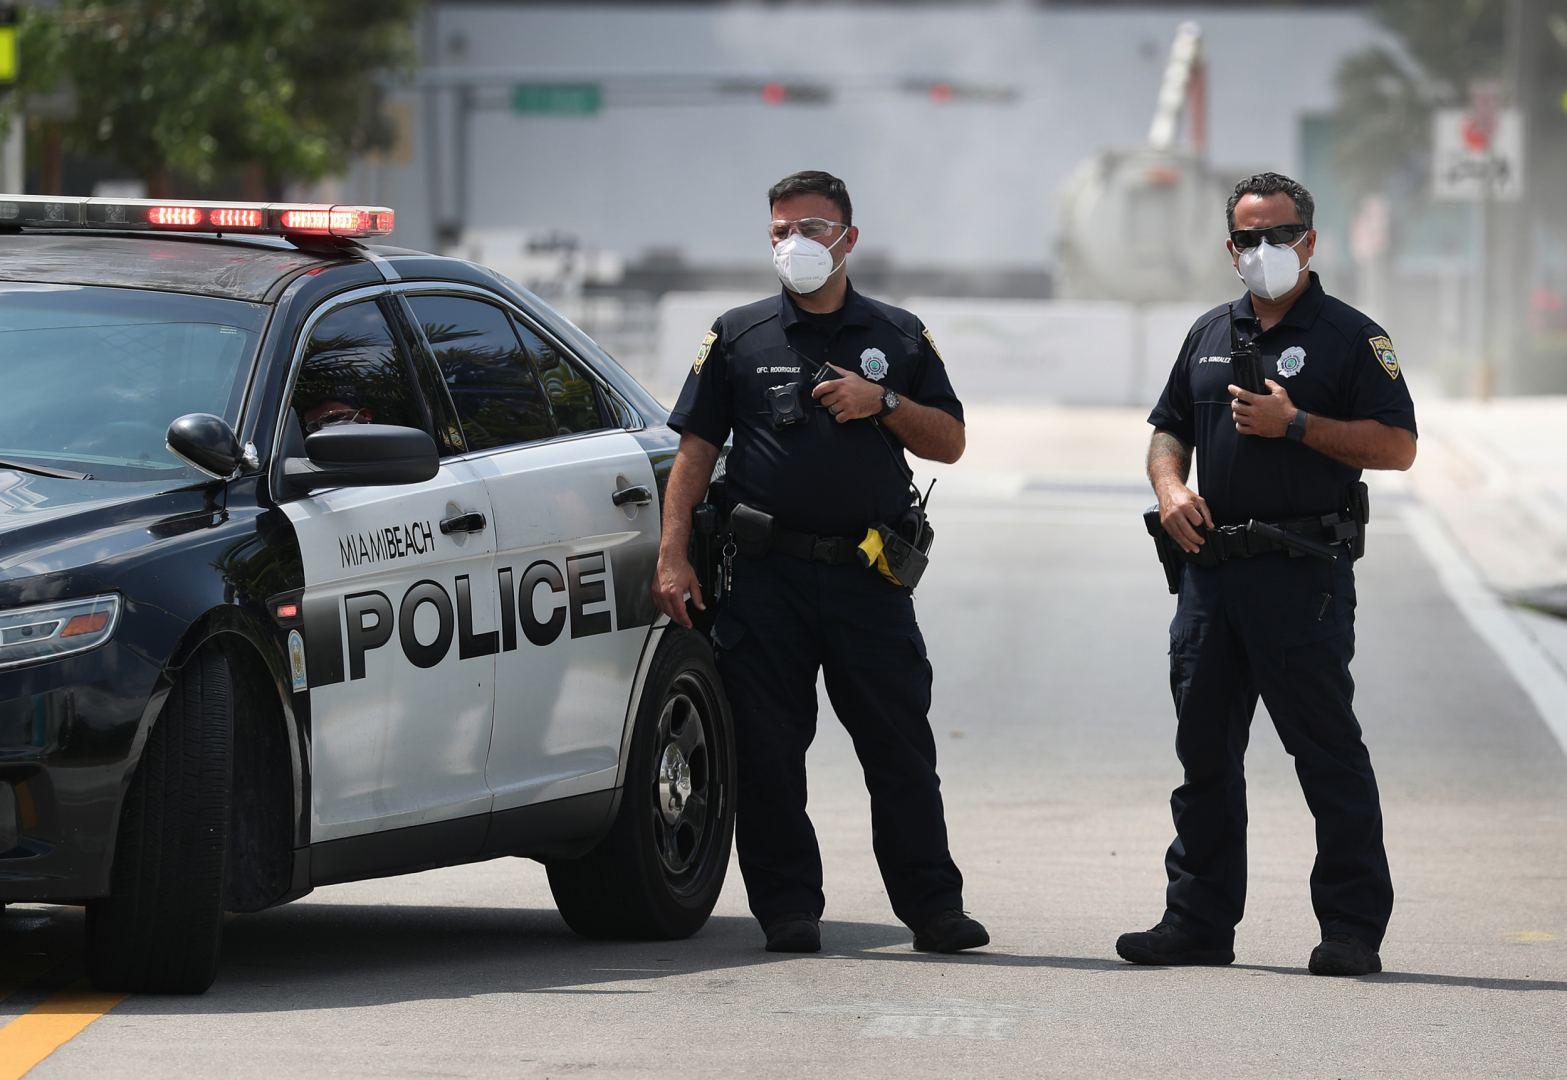 В Индианаполисе произошла стрельба: есть раненые